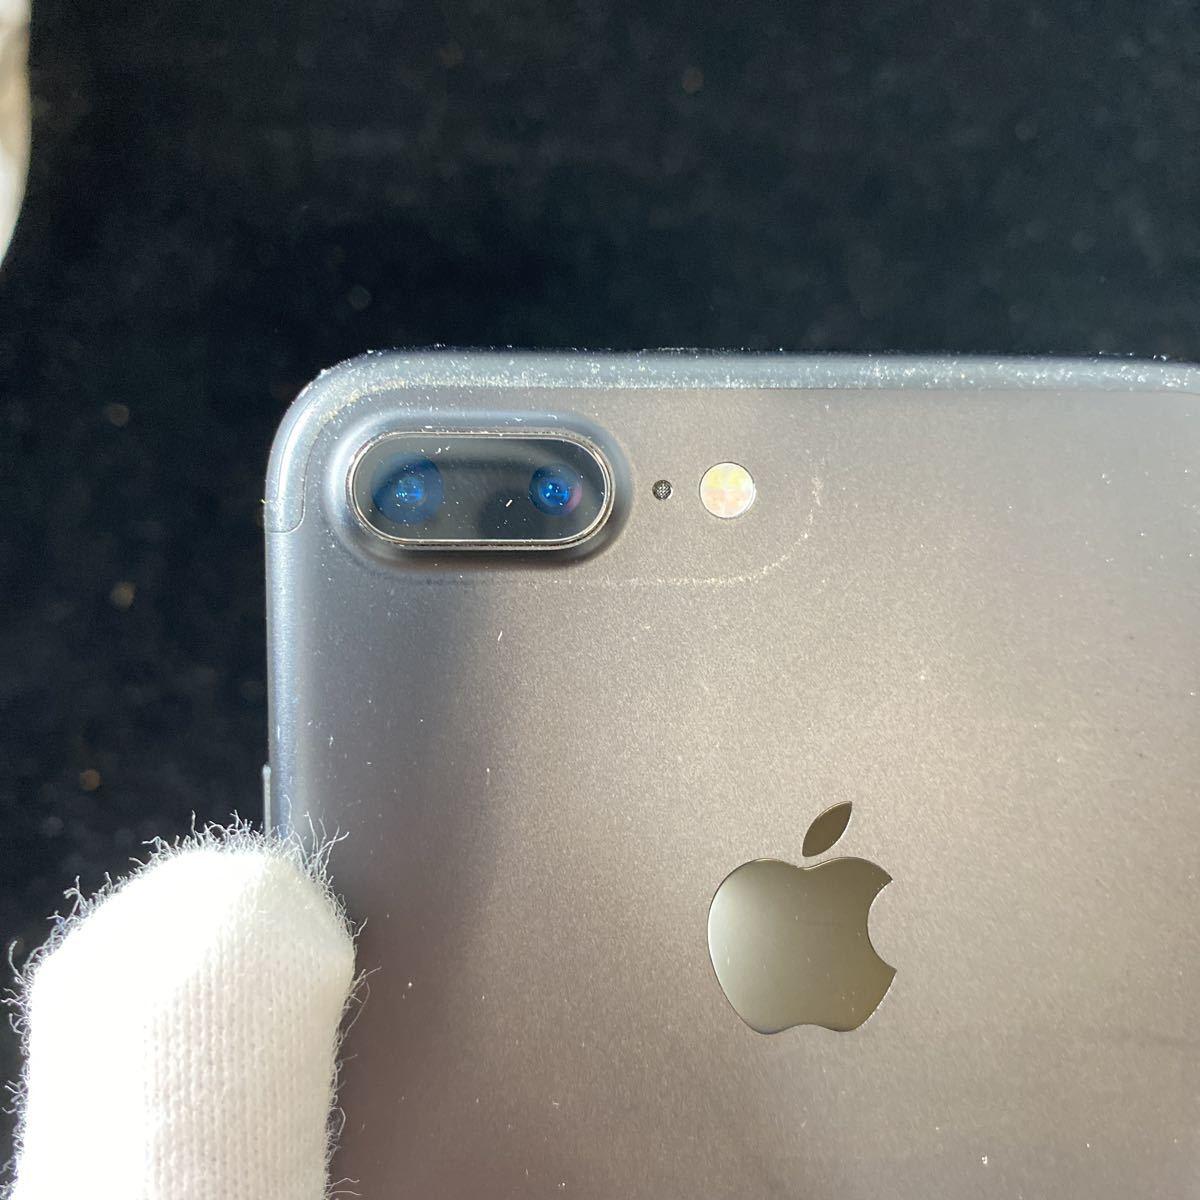 SIMフリー iPhone7 Plus 128GB Jet Black シムフリー アイフォン7 プラス ジェットブラック 黒 本体_画像6